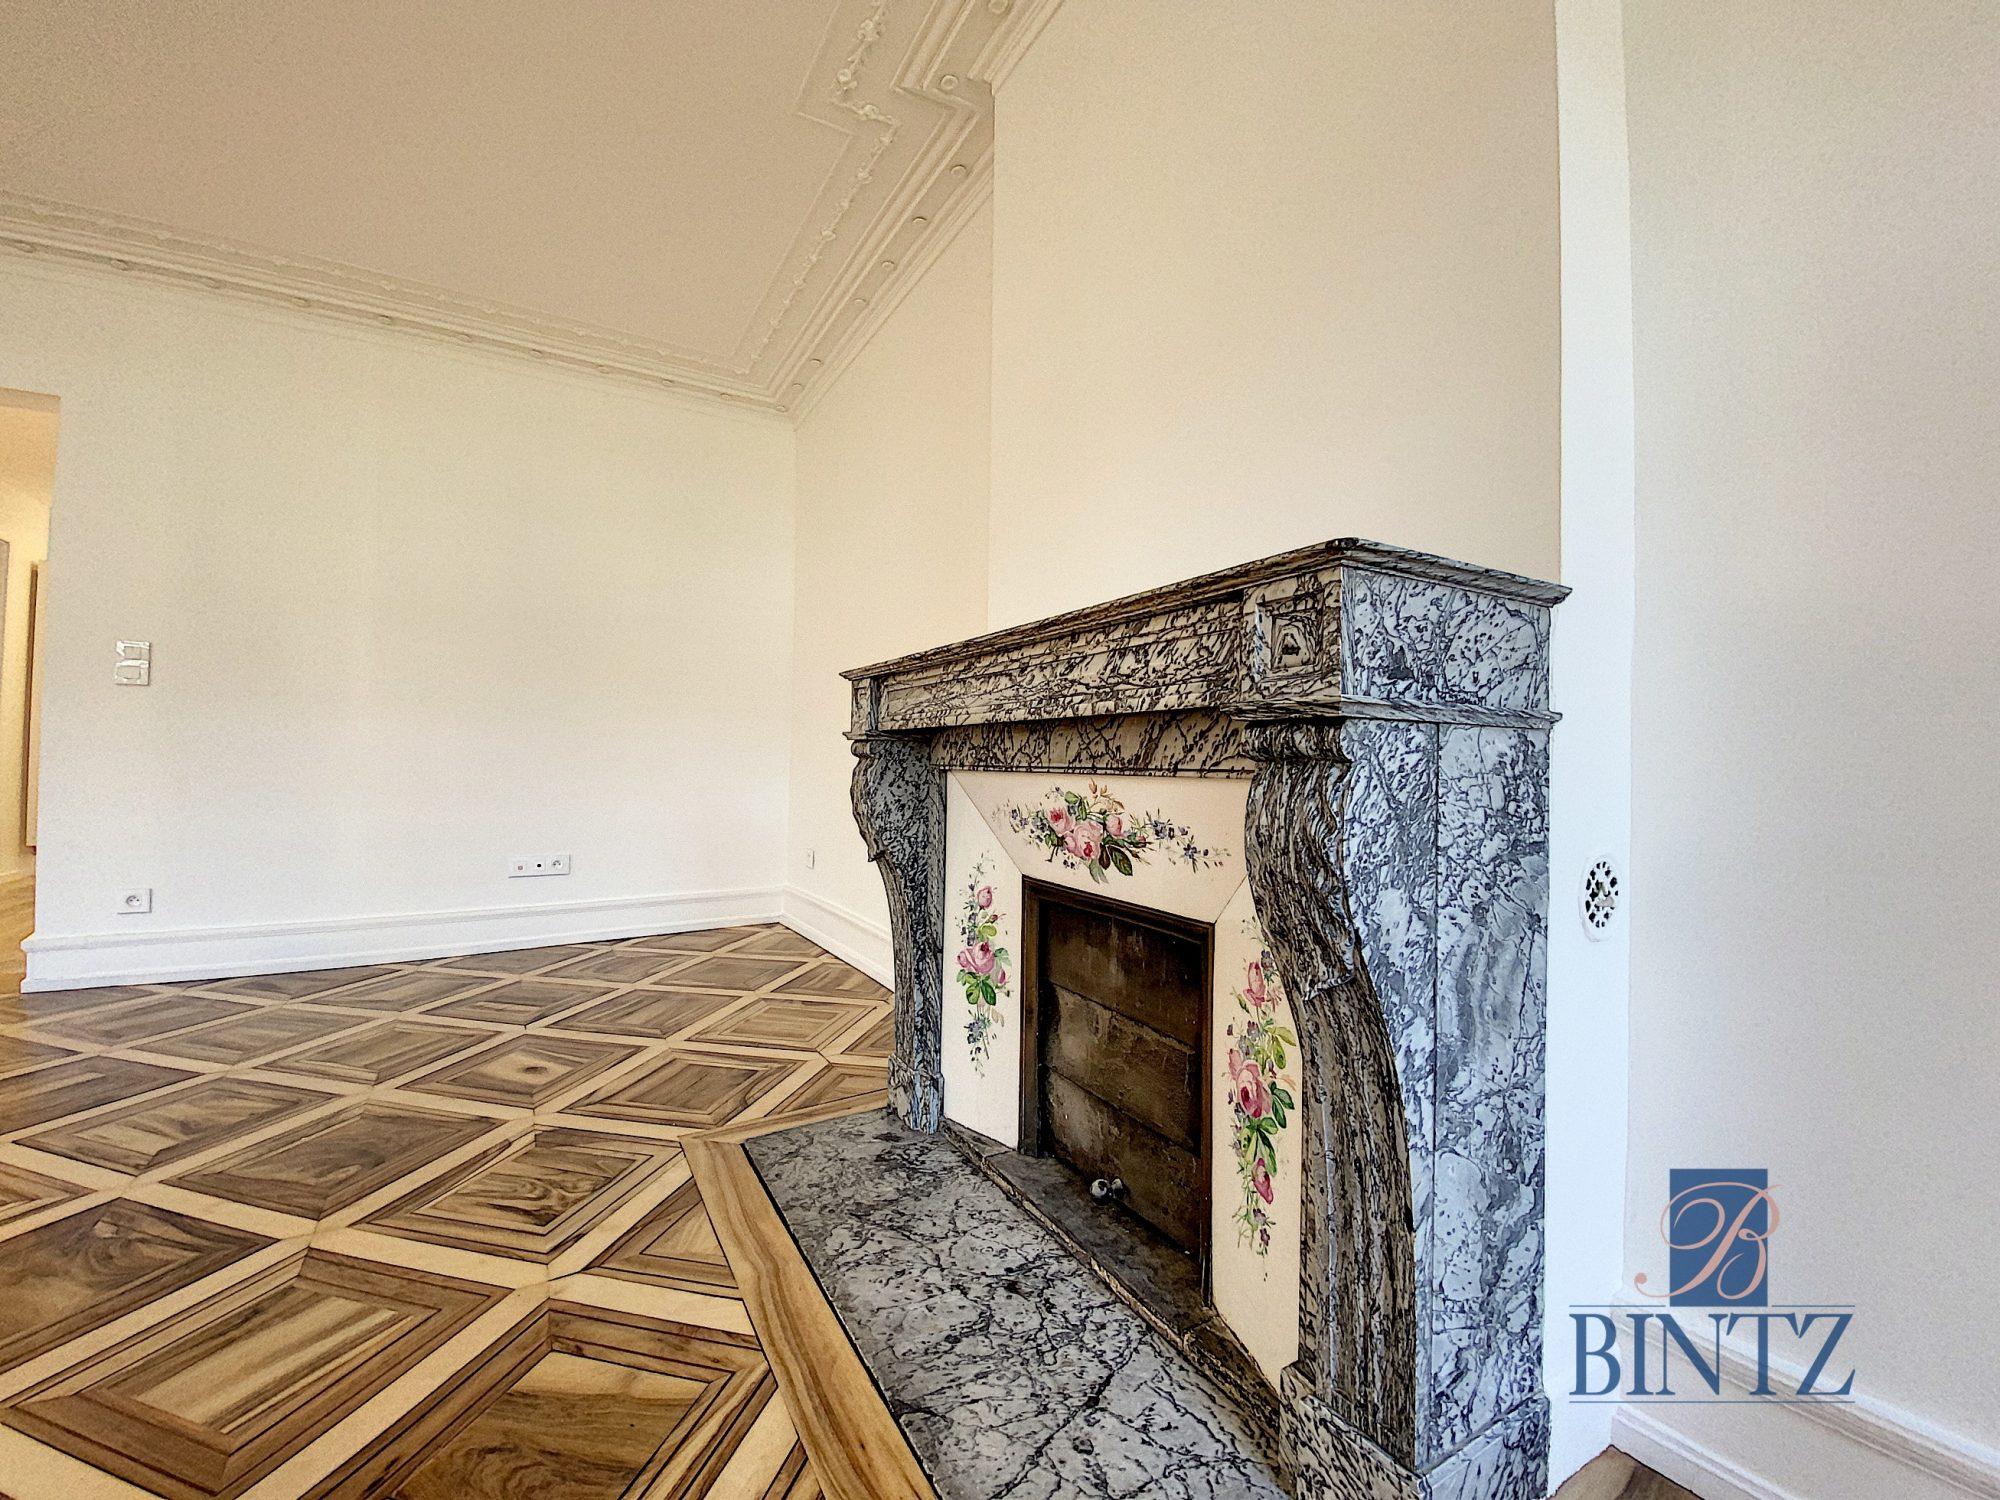 5 pièces d'exception face à la mairie - Devenez locataire en toute sérénité - Bintz Immobilier - 18